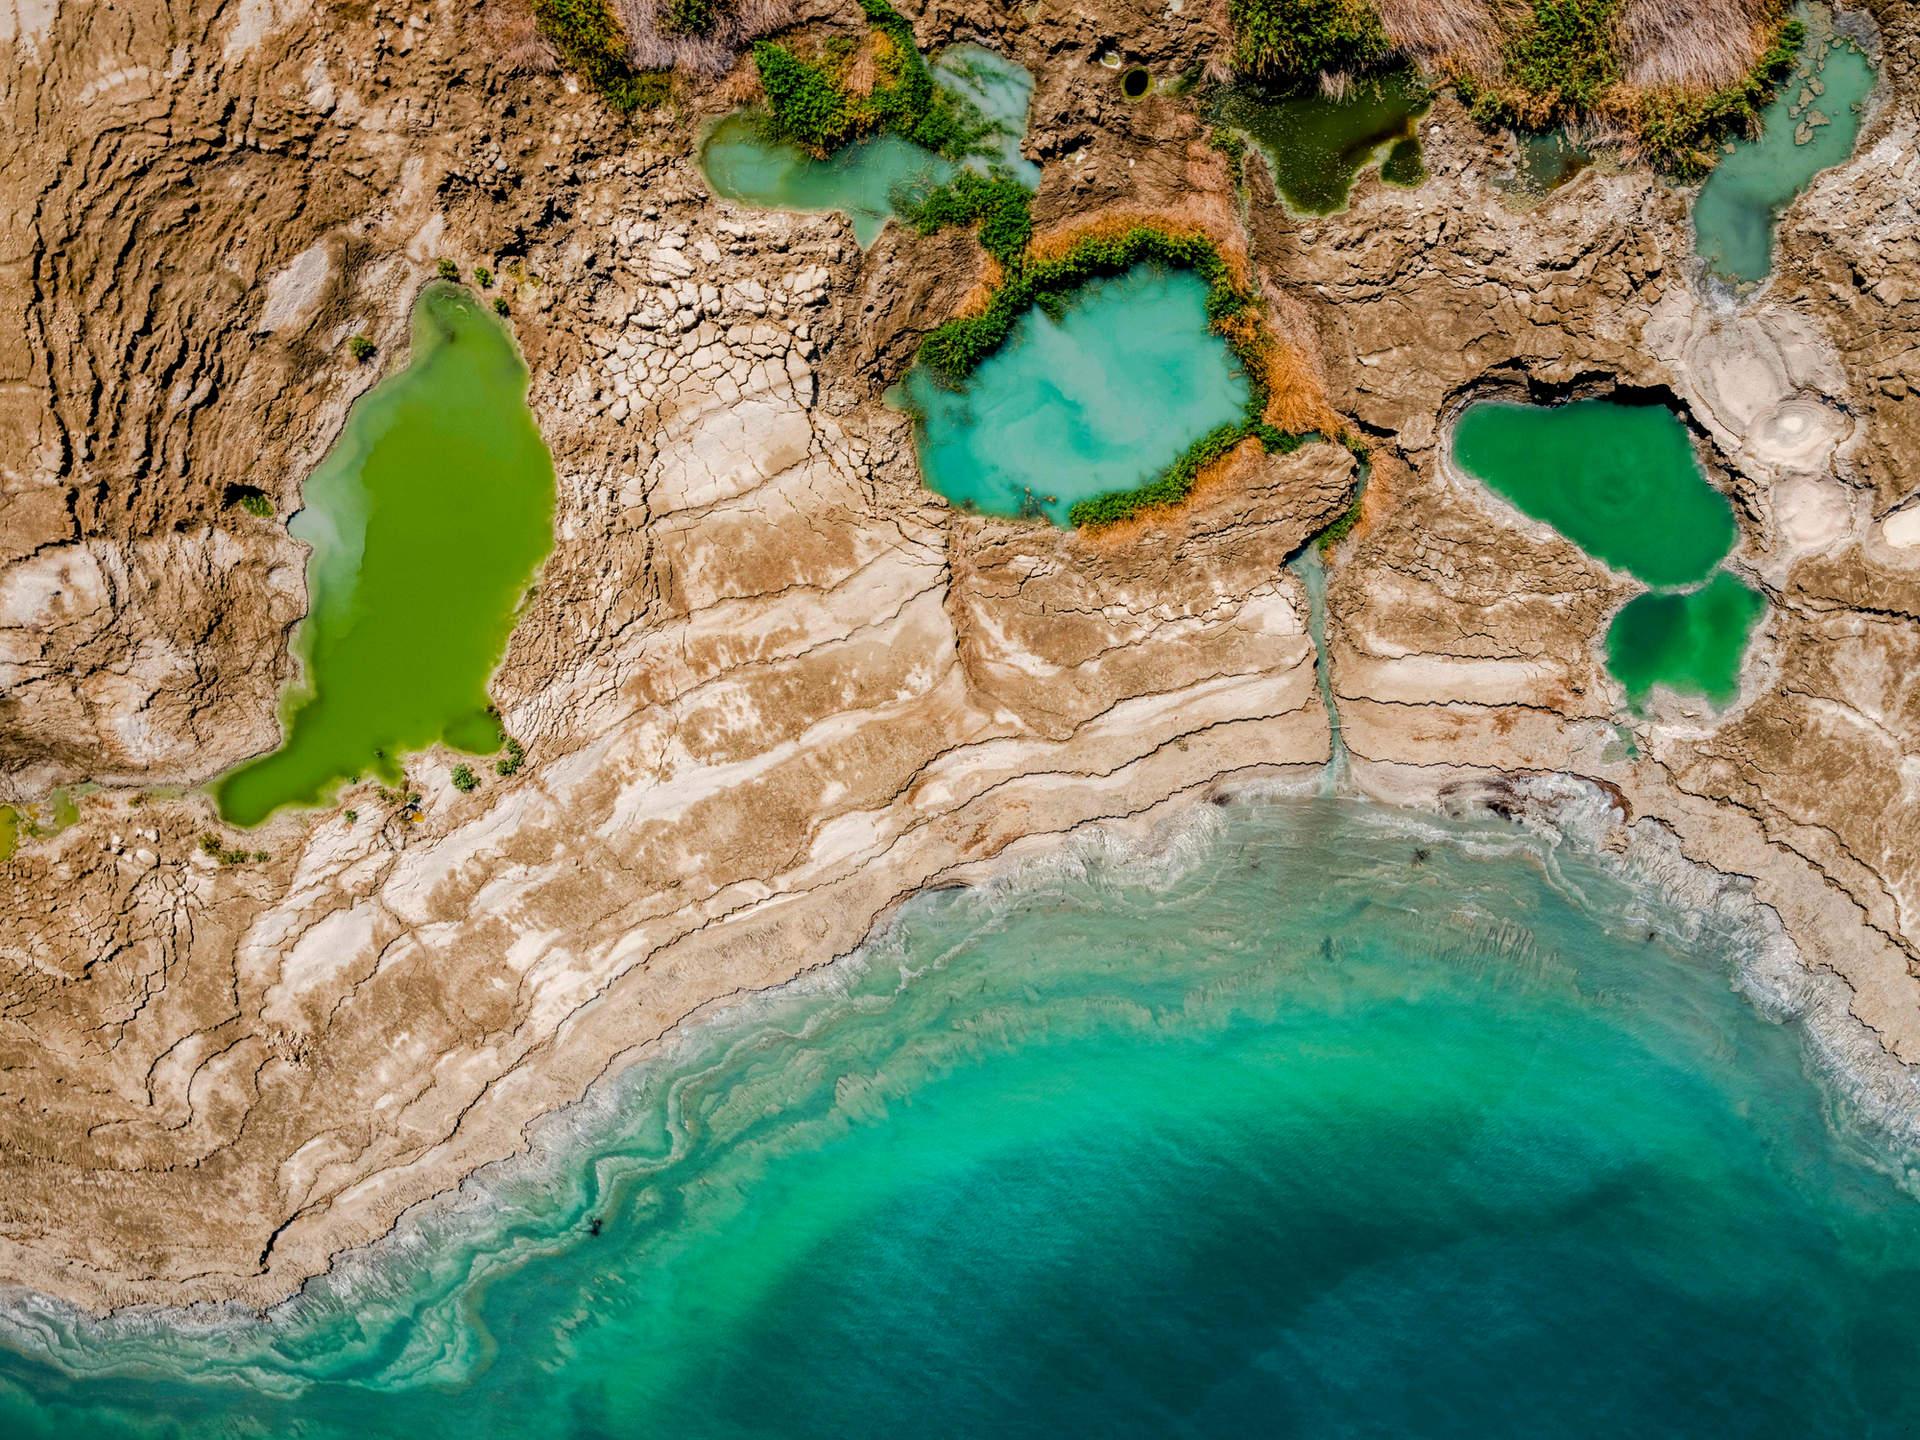 'Pools of Life', Dead Sea, Israel